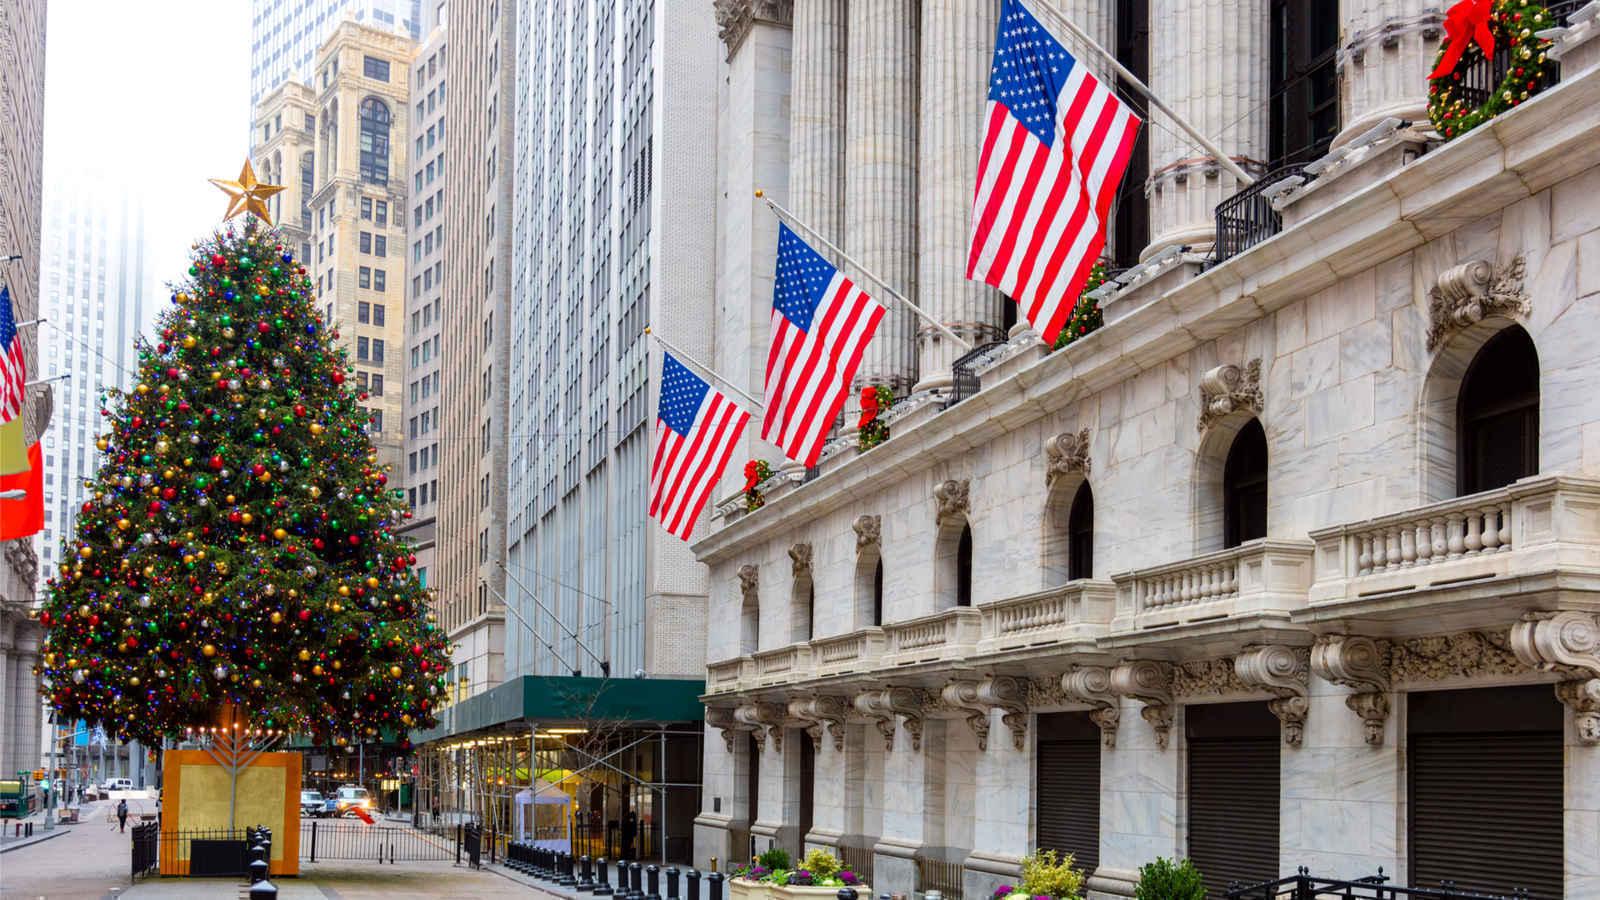 Facade of New York Stock Exchange building